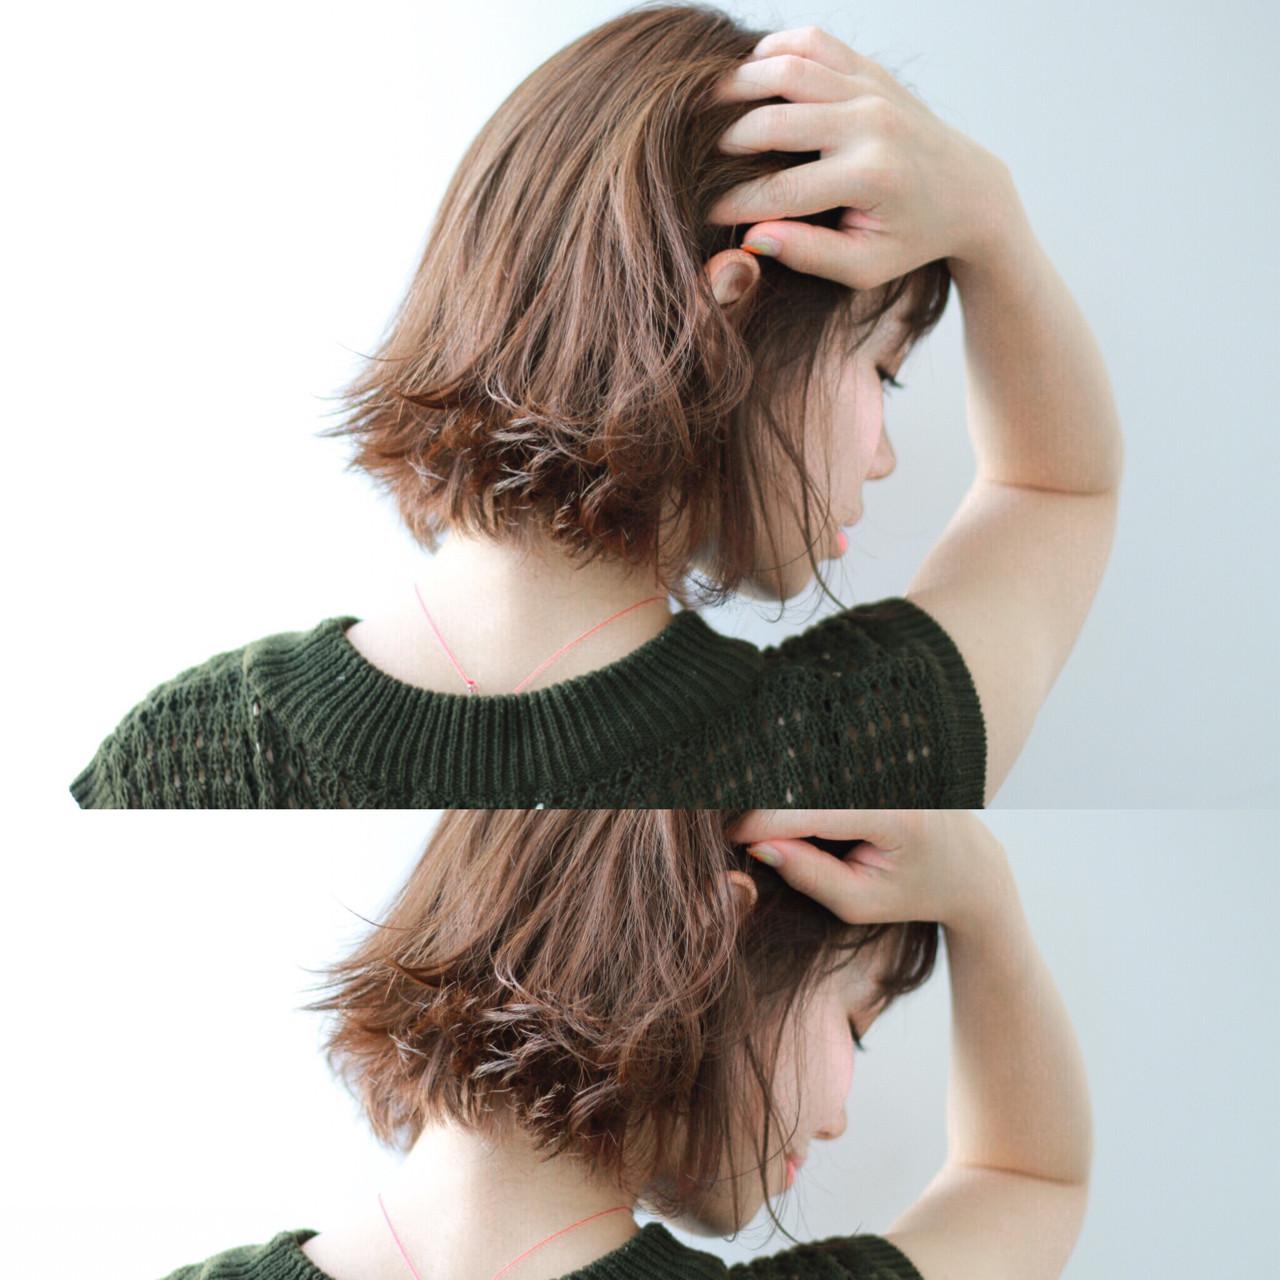 アッシュグレージュ アッシュブラウン ボブ グレージュ ヘアスタイルや髪型の写真・画像